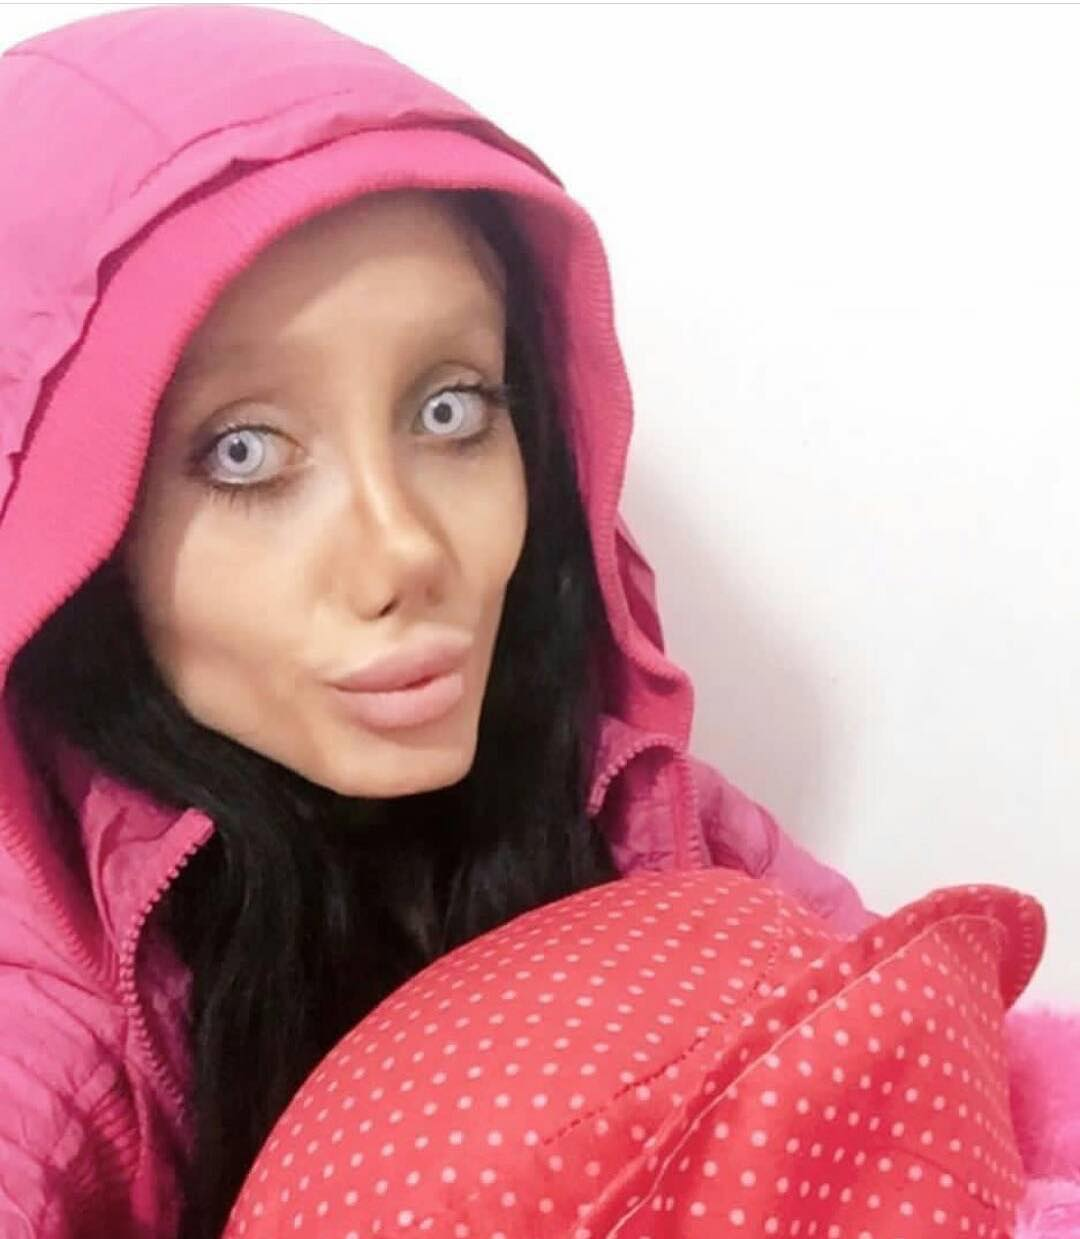 Chica con exceso de maquillaje que quiere ser como Angelina Jolie